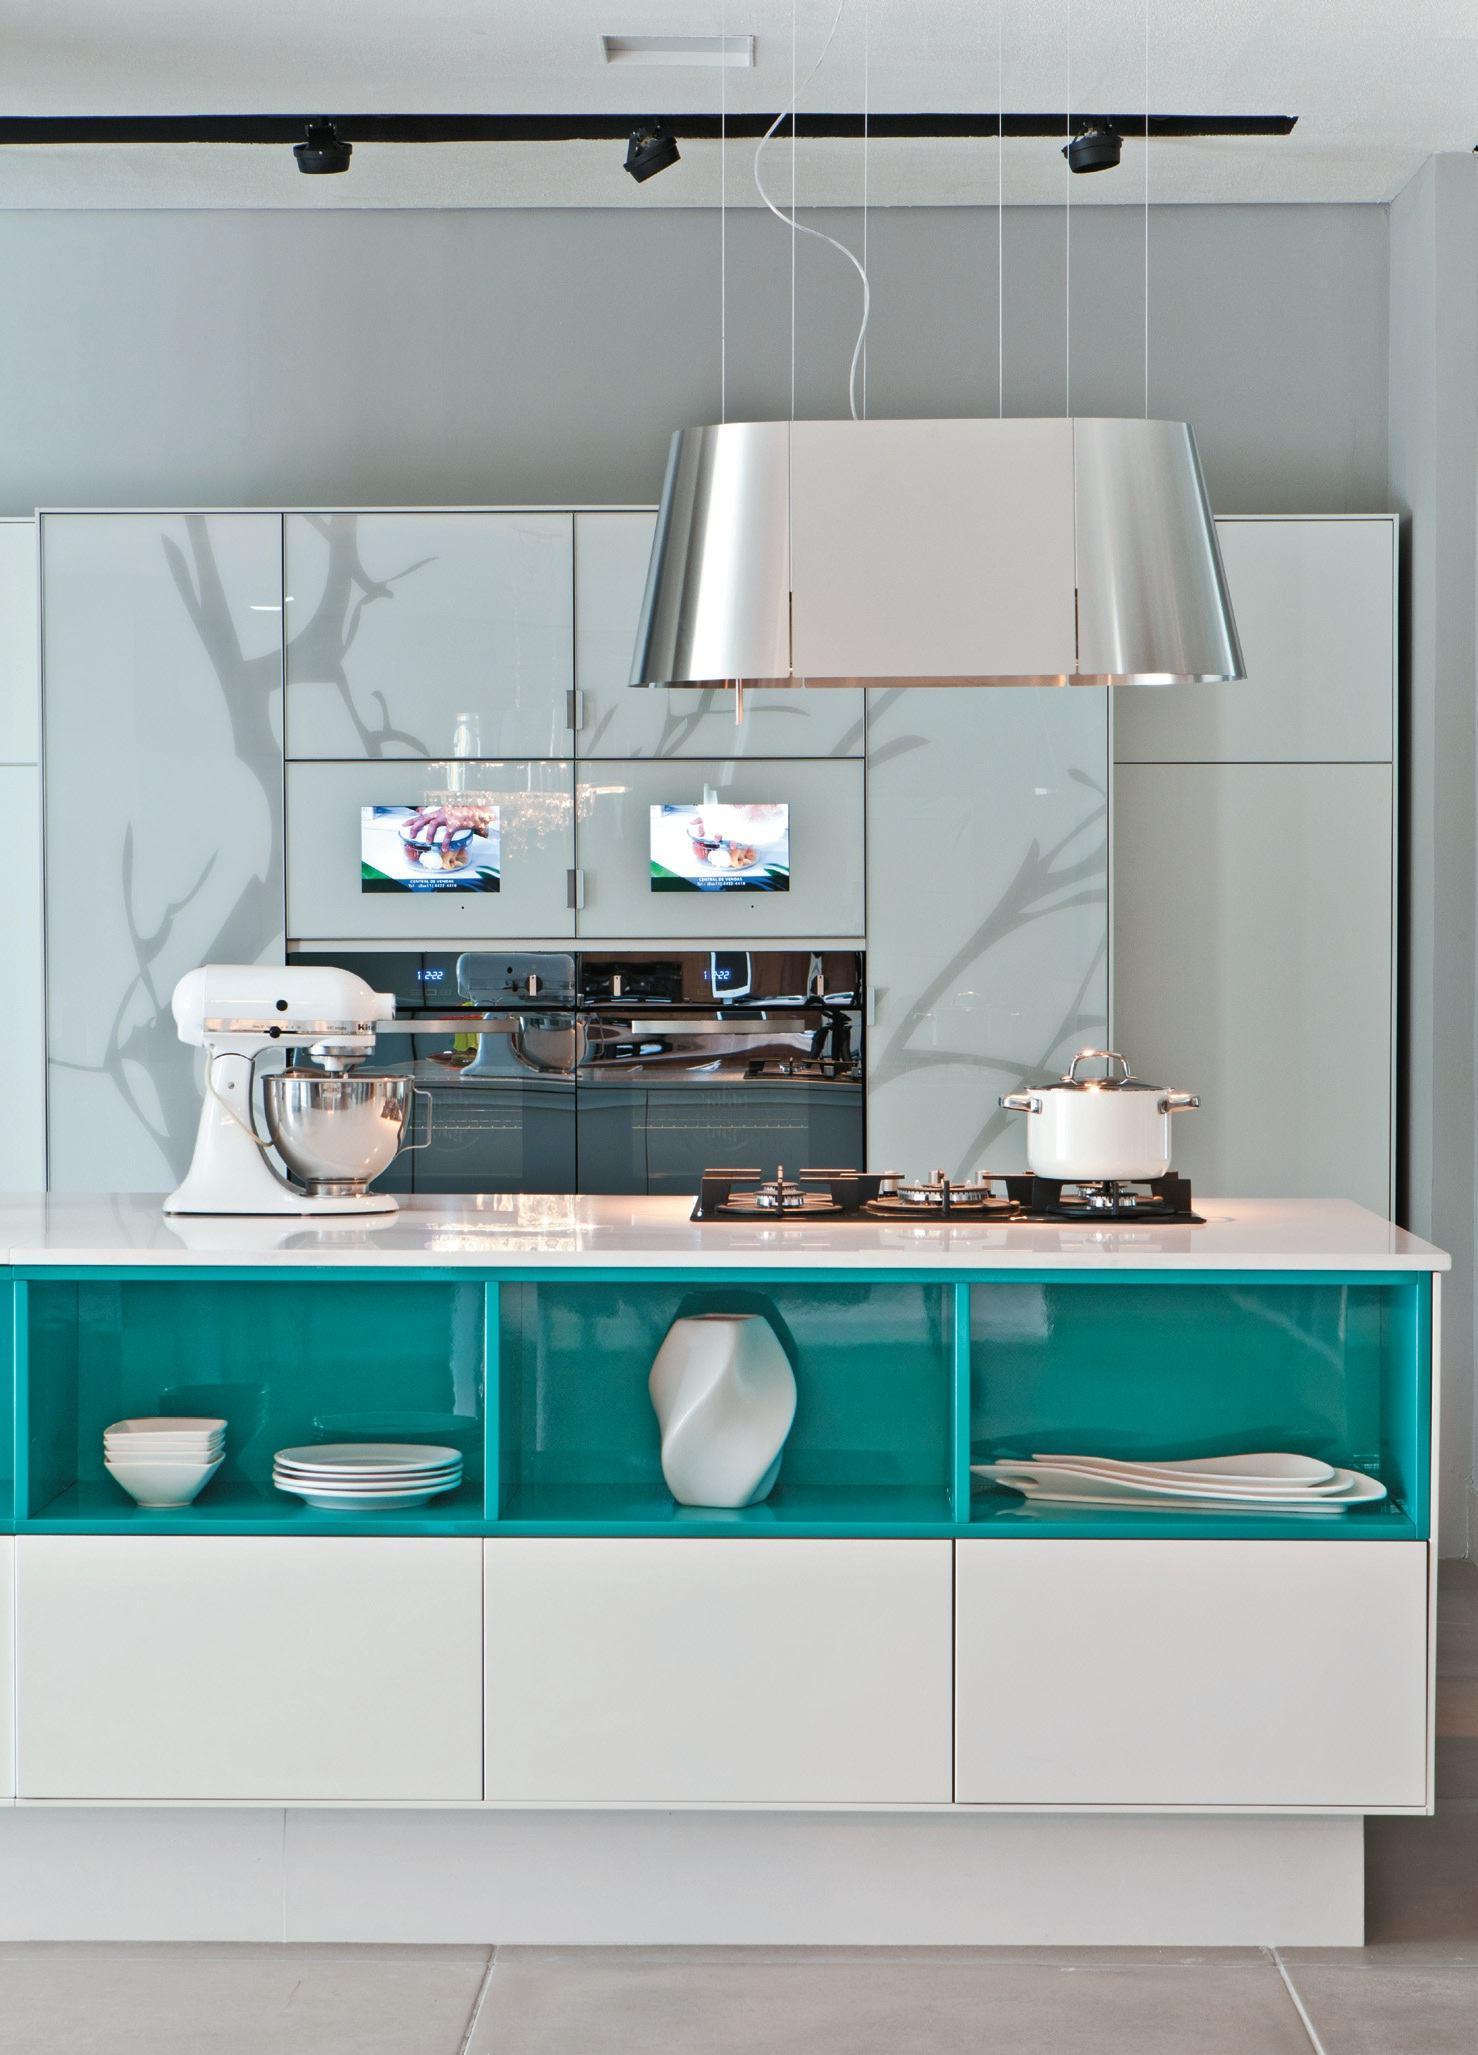 Cozinha azul: forre apenas uma parte da bancada central